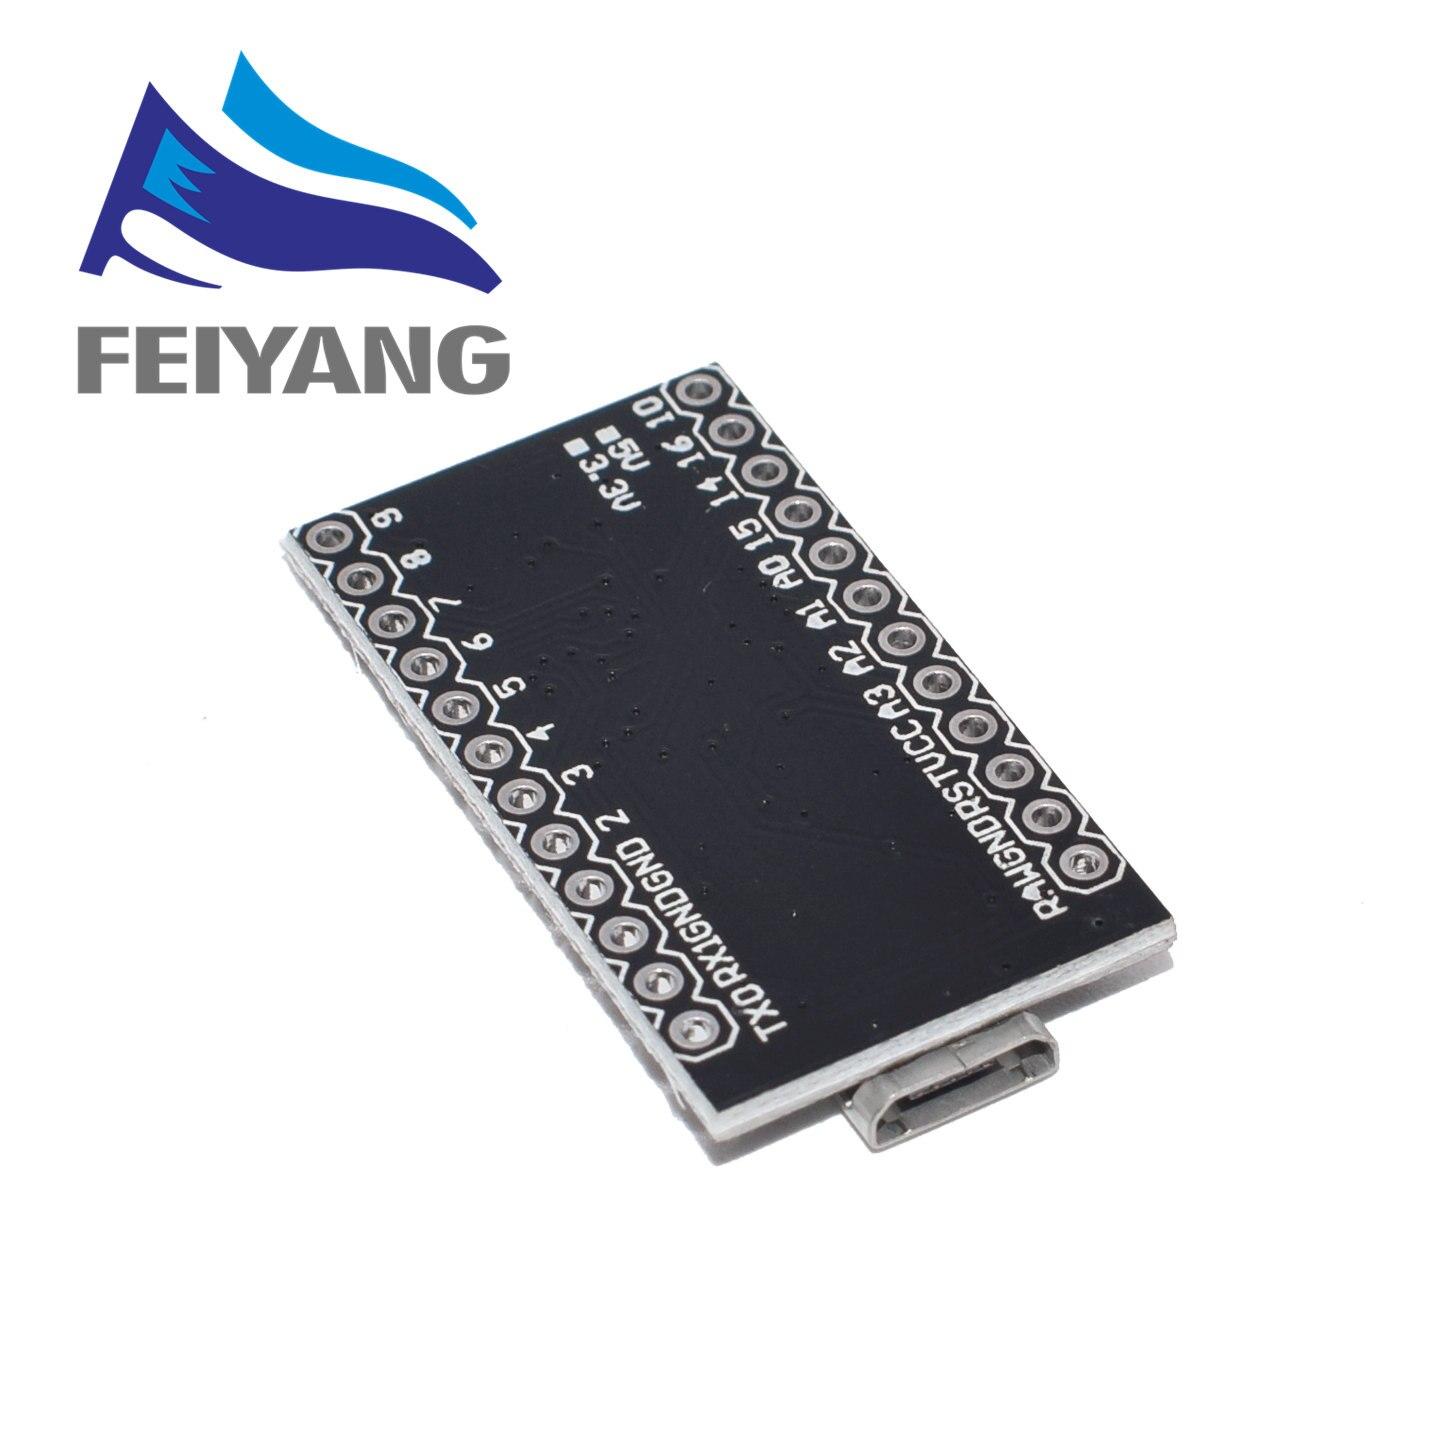 10pcs With the bootloader New Pro Micro ATmega32U4 ATMEGA32U4-AU 5V/16MHz Module controller